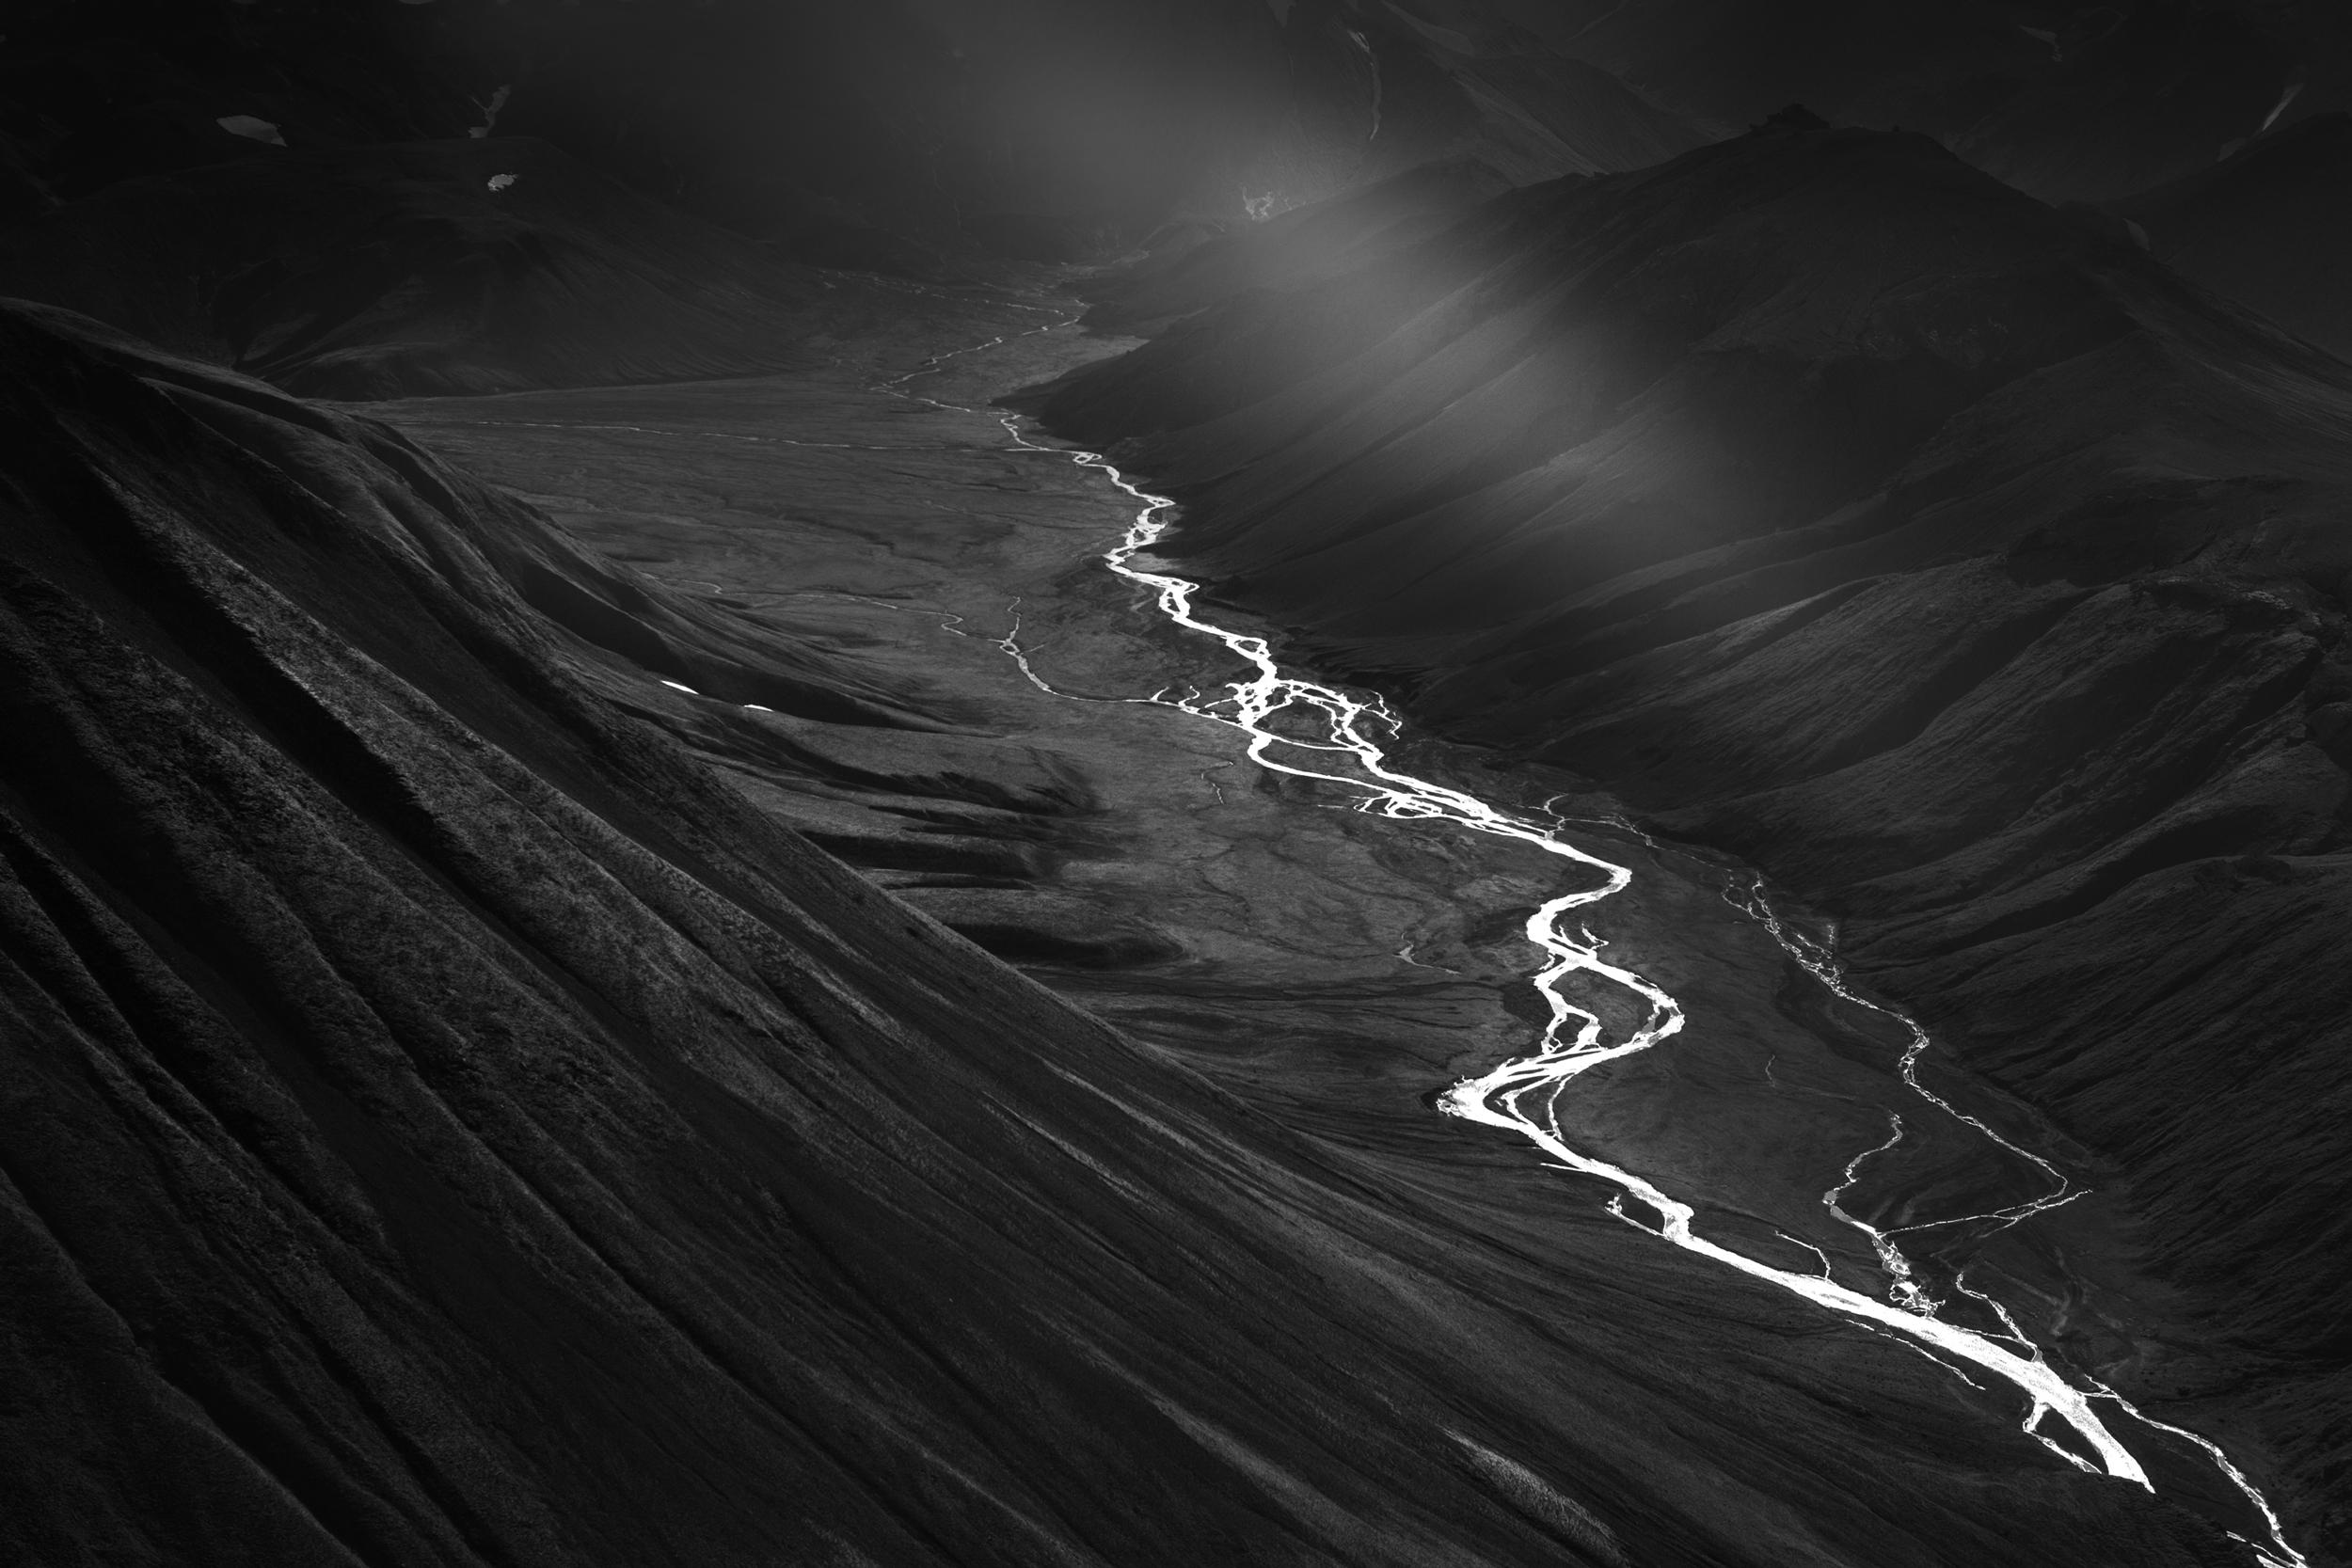 Origin - Iceland 2012